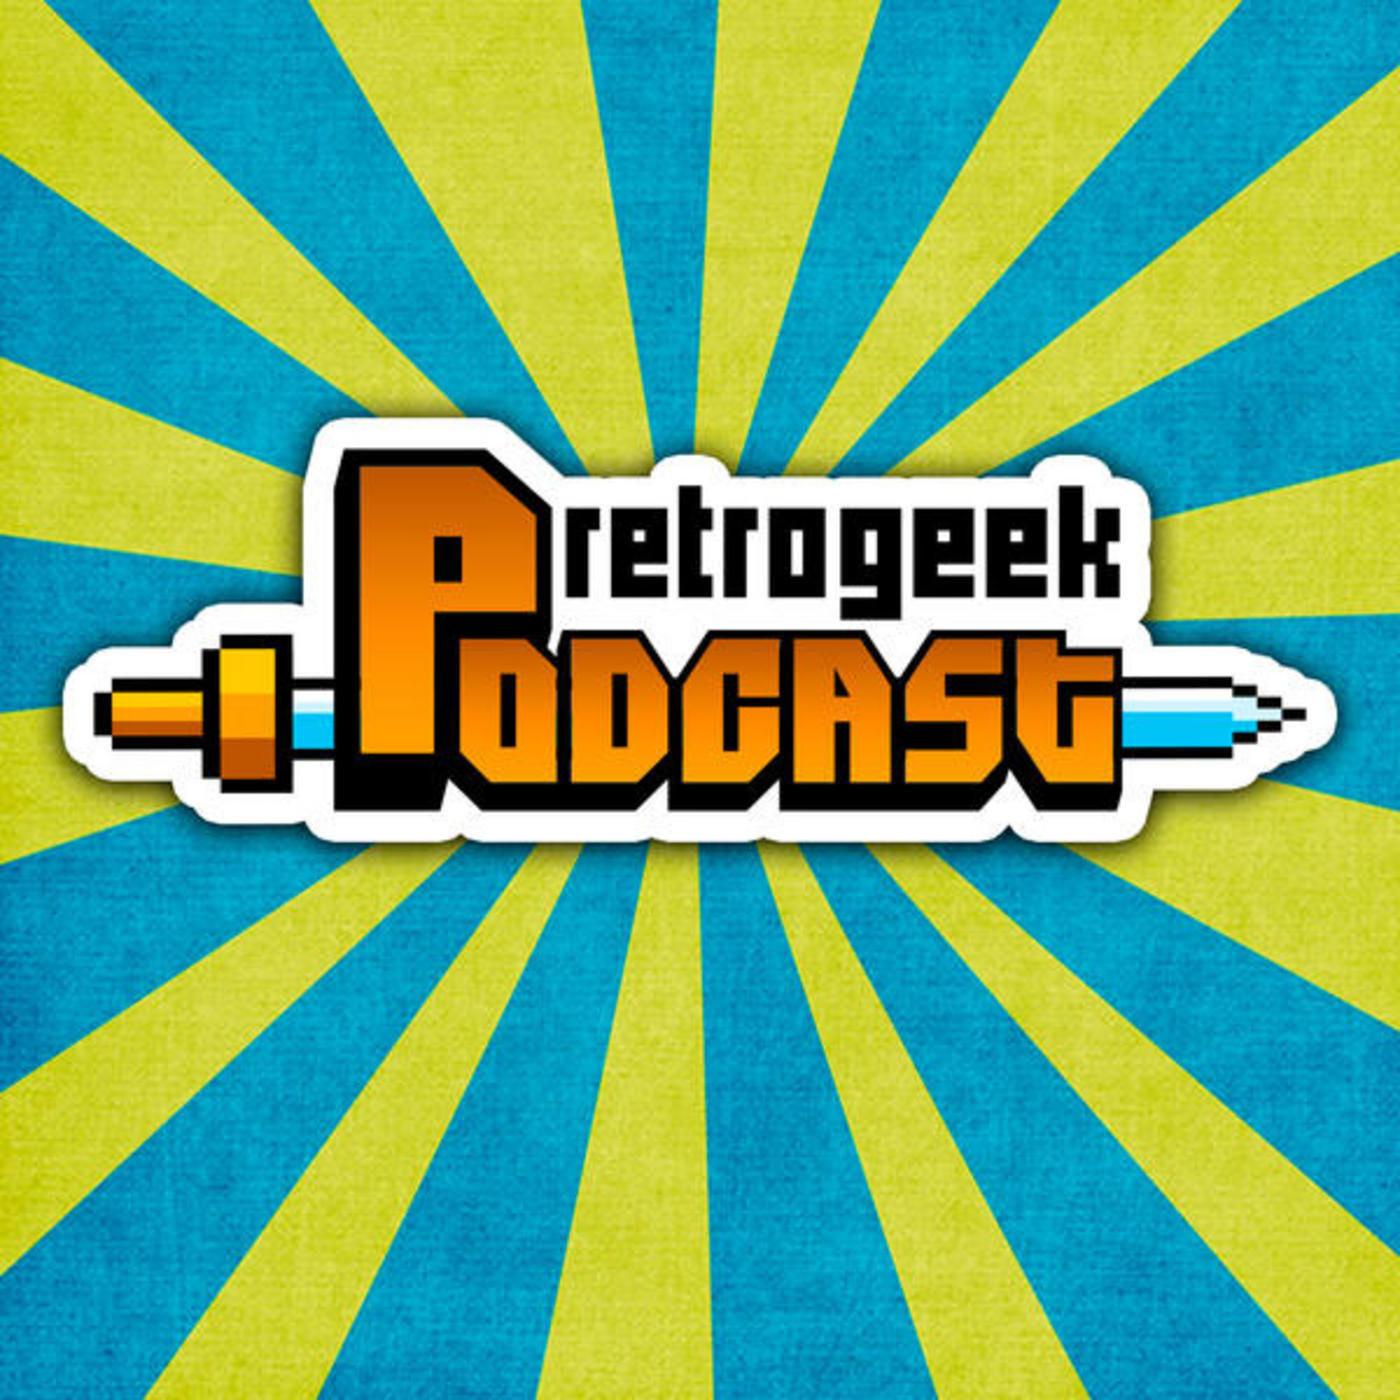 Retrogeek Podcast #03 - A internet das antigas